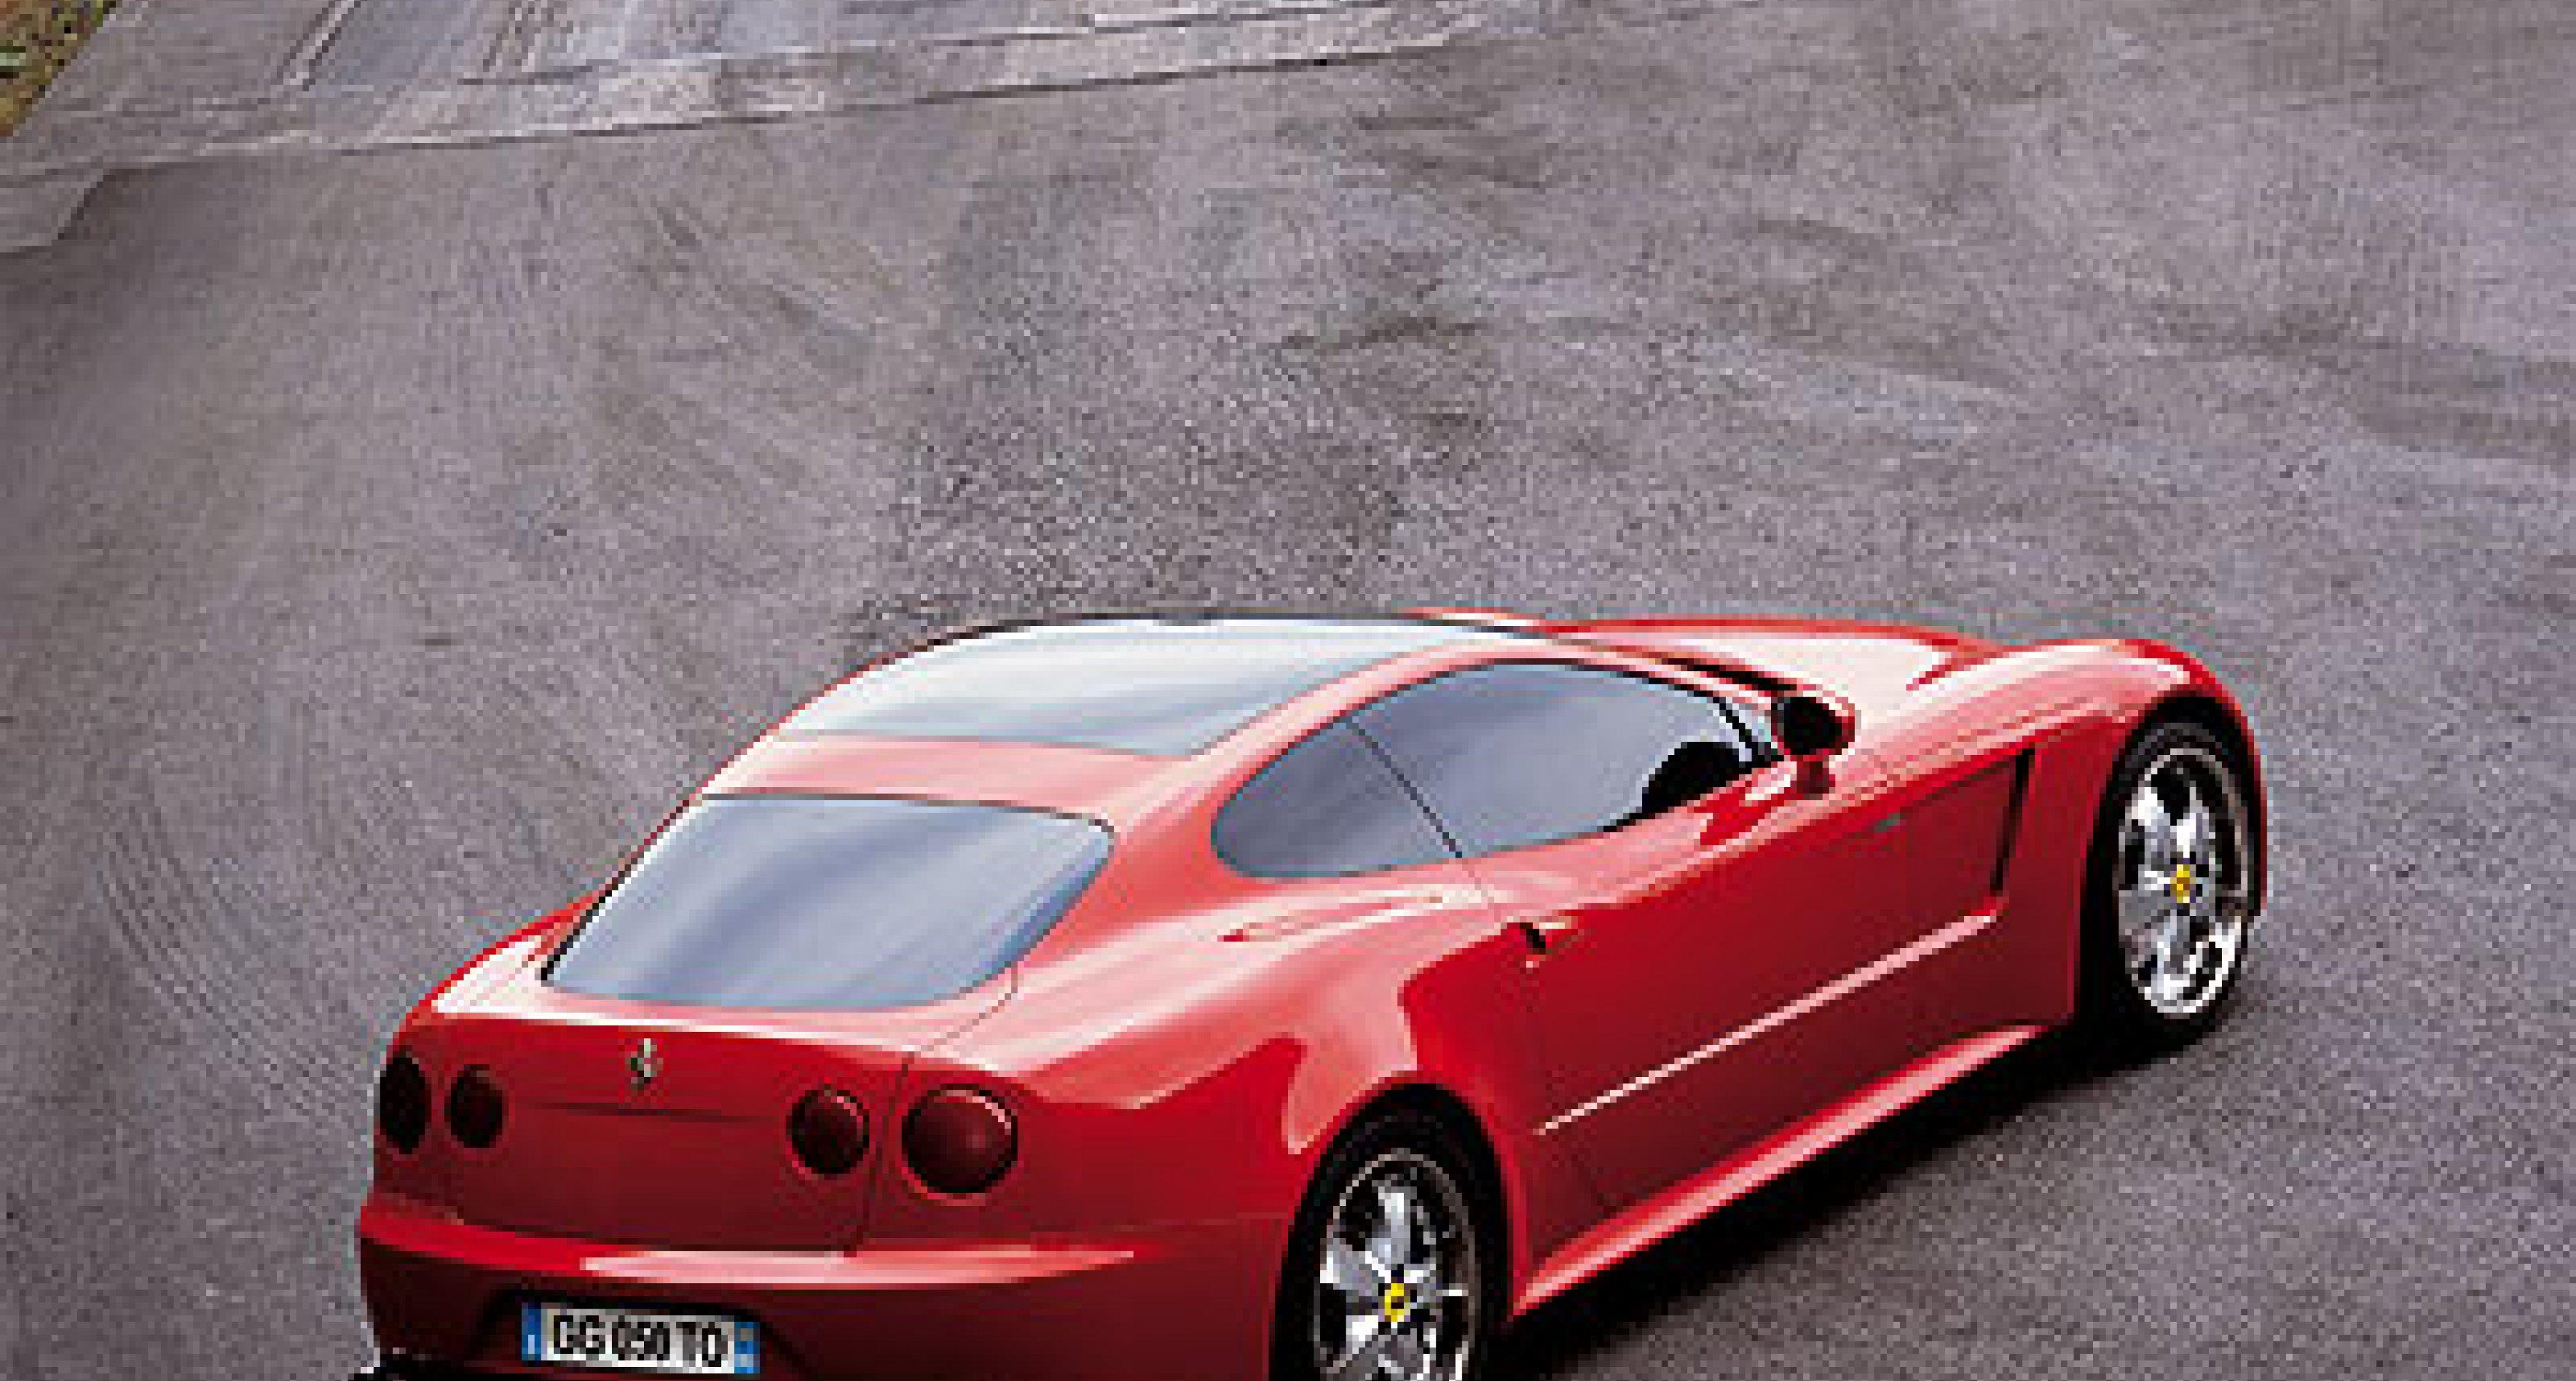 Ferrari GG50 by Giorgetto Giugiaro